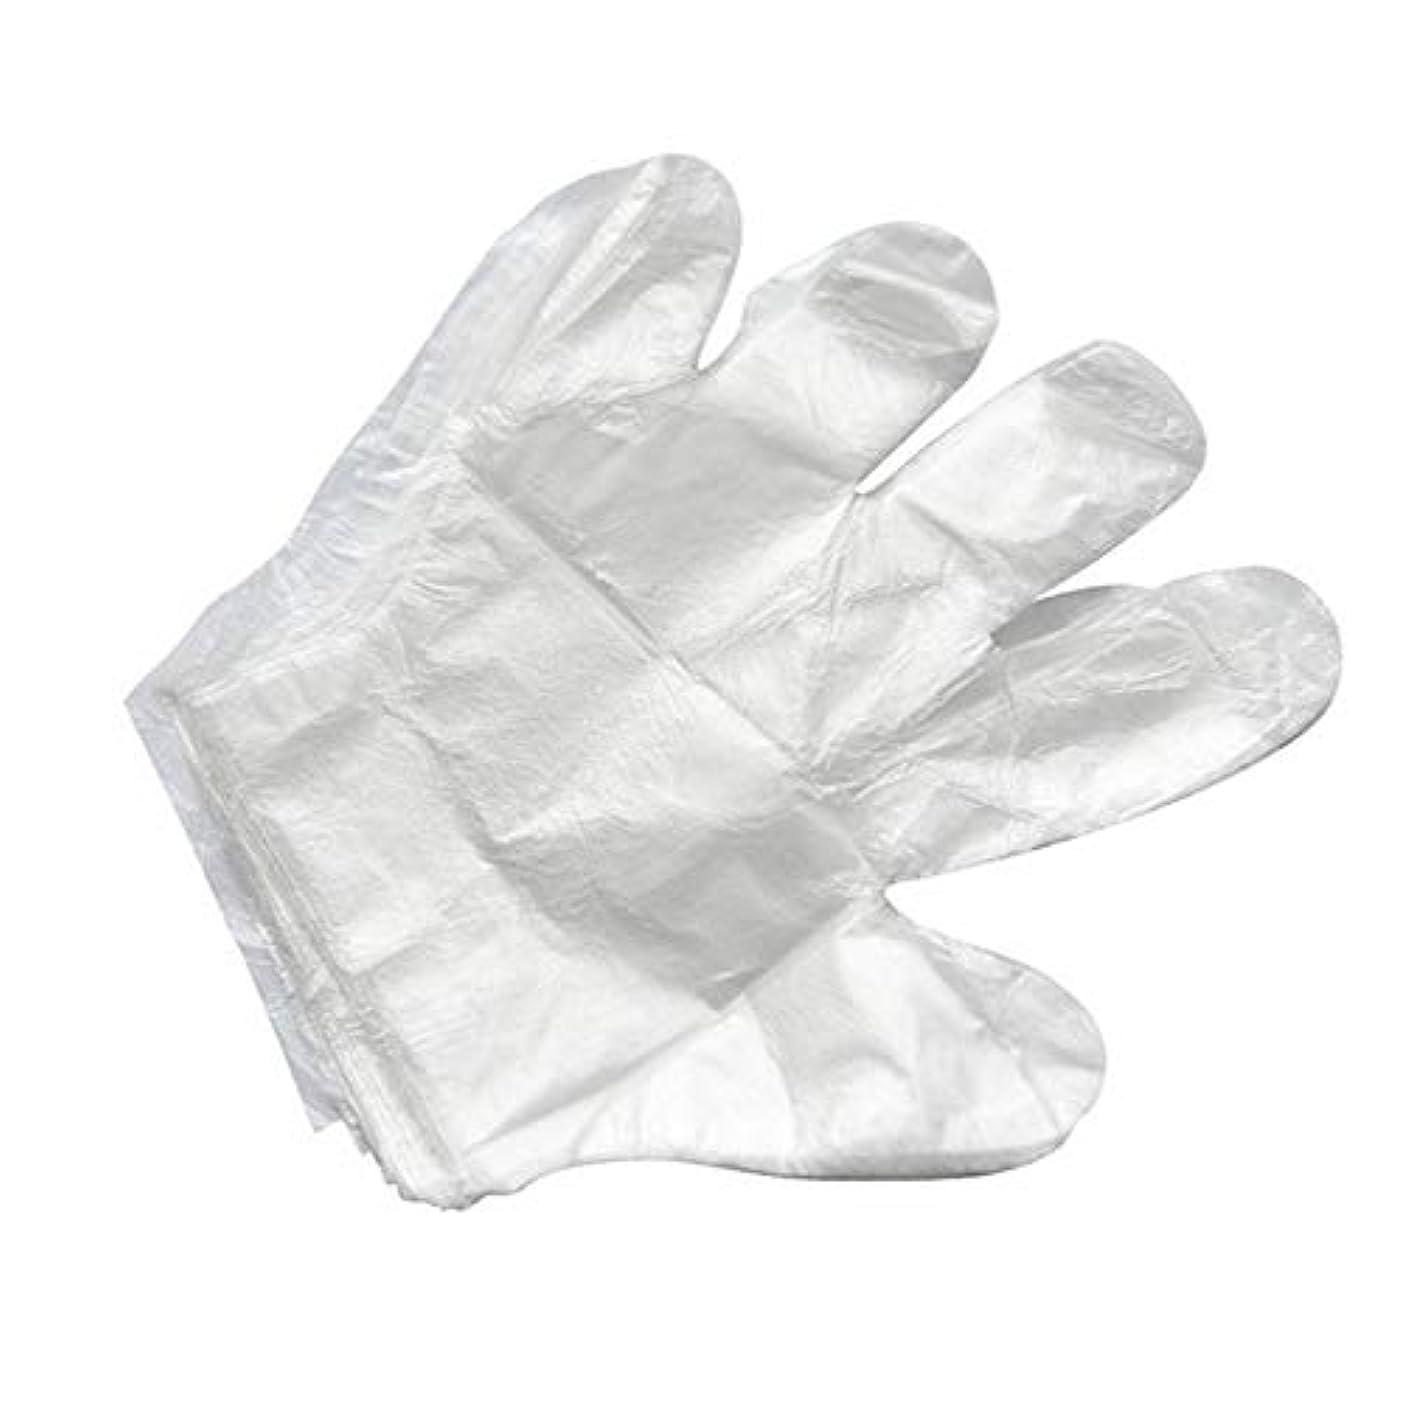 格納絶えず有用使い捨て手袋バーベキューアクセサリー高度なキャスティング手袋使い捨てケータリングDIYクリーニングヘアダイ食品グレードプラスチック手袋(2000)透明のみ